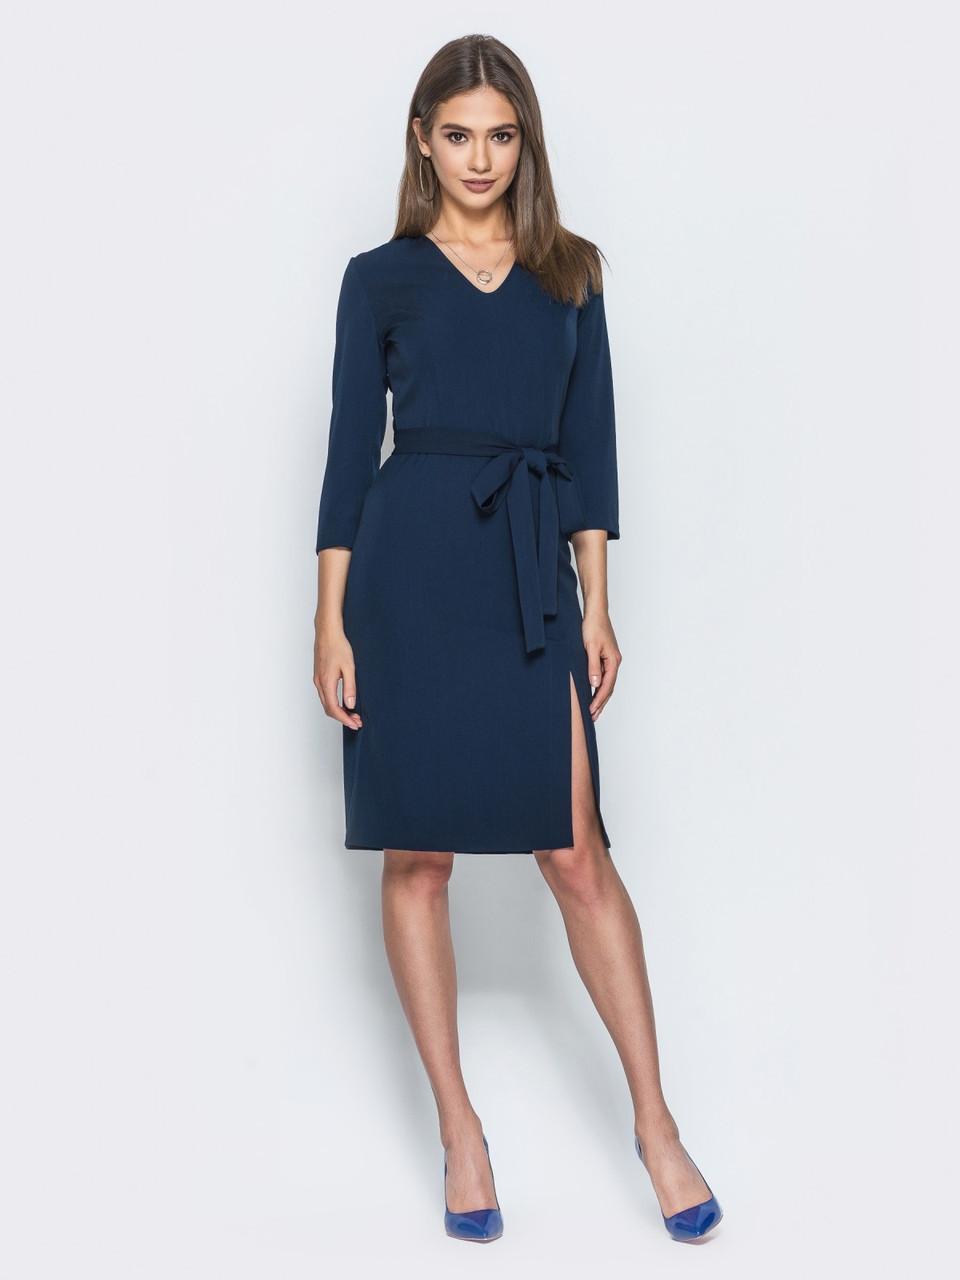 0d15ca31b3b 📍Трикотажное платье полуприлегающего силуэта с тканевым поясом (синее